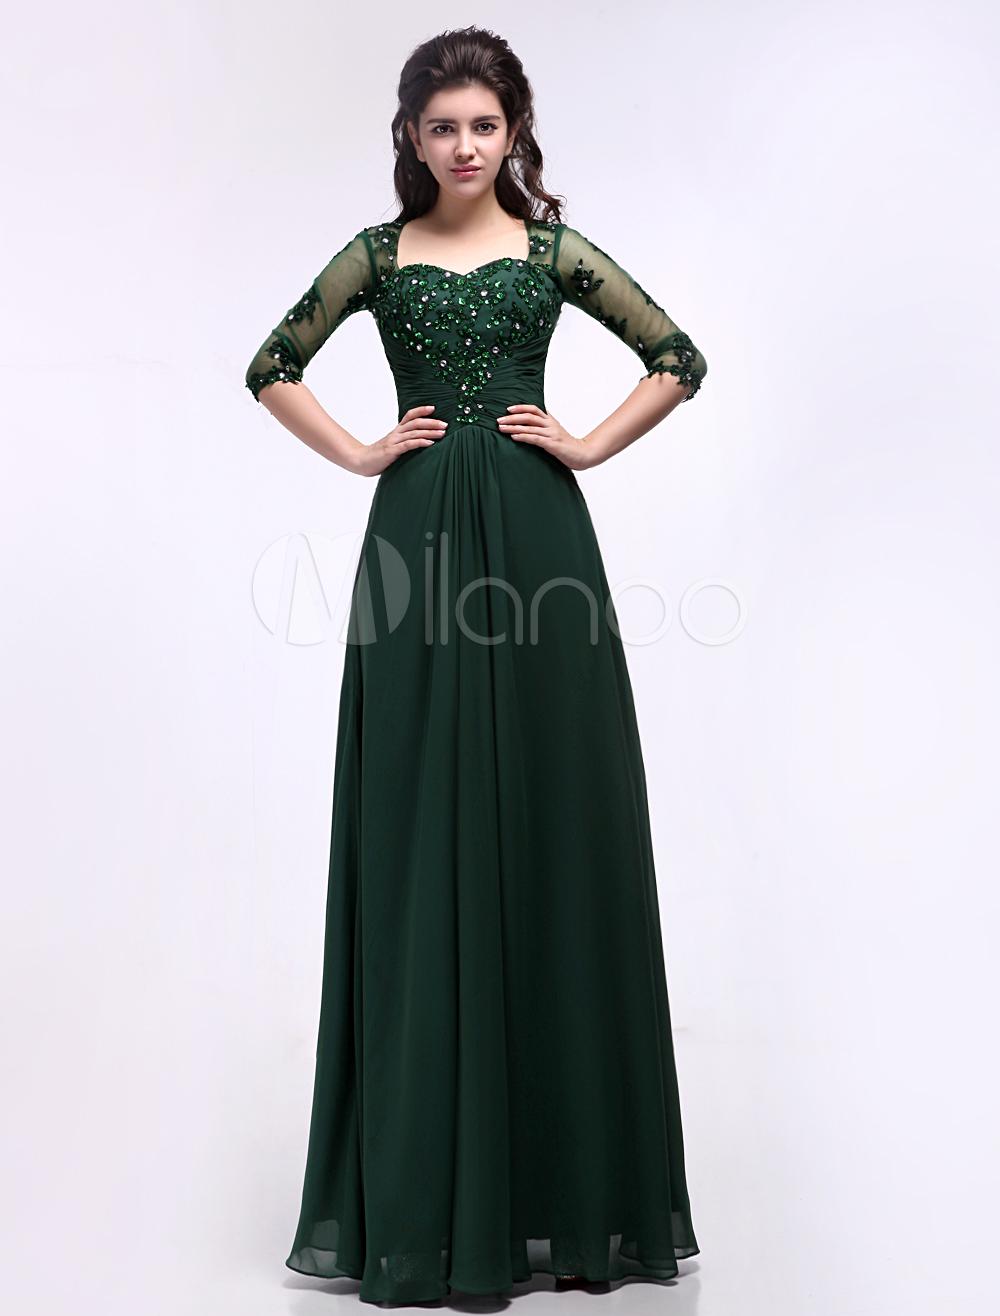 Green Full Length Dresses